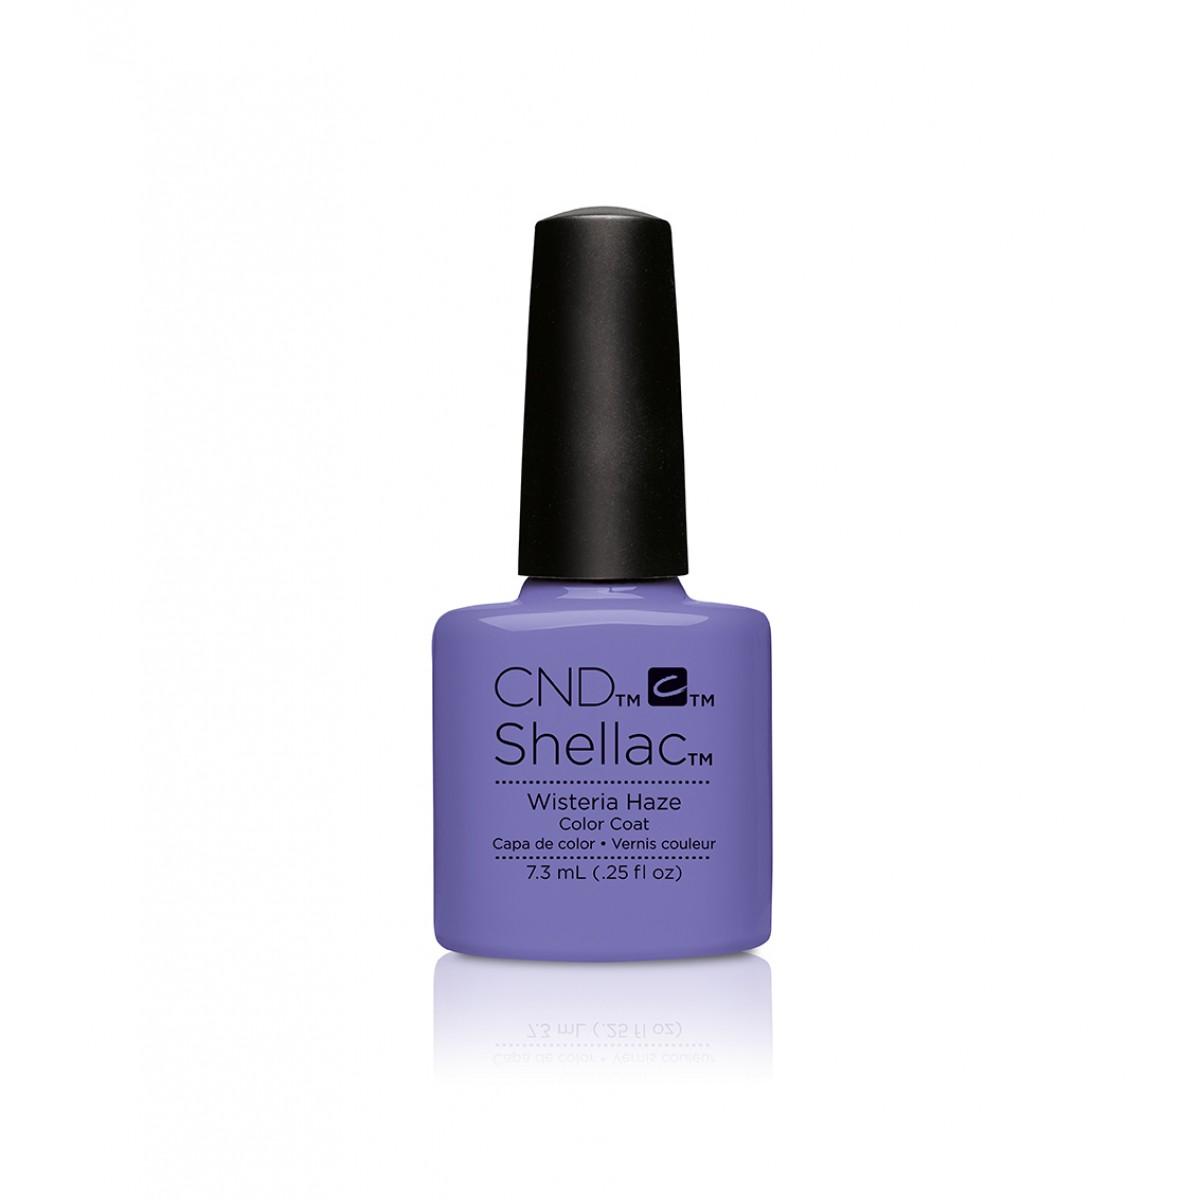 Cnd shellac wisteria haze diva nails